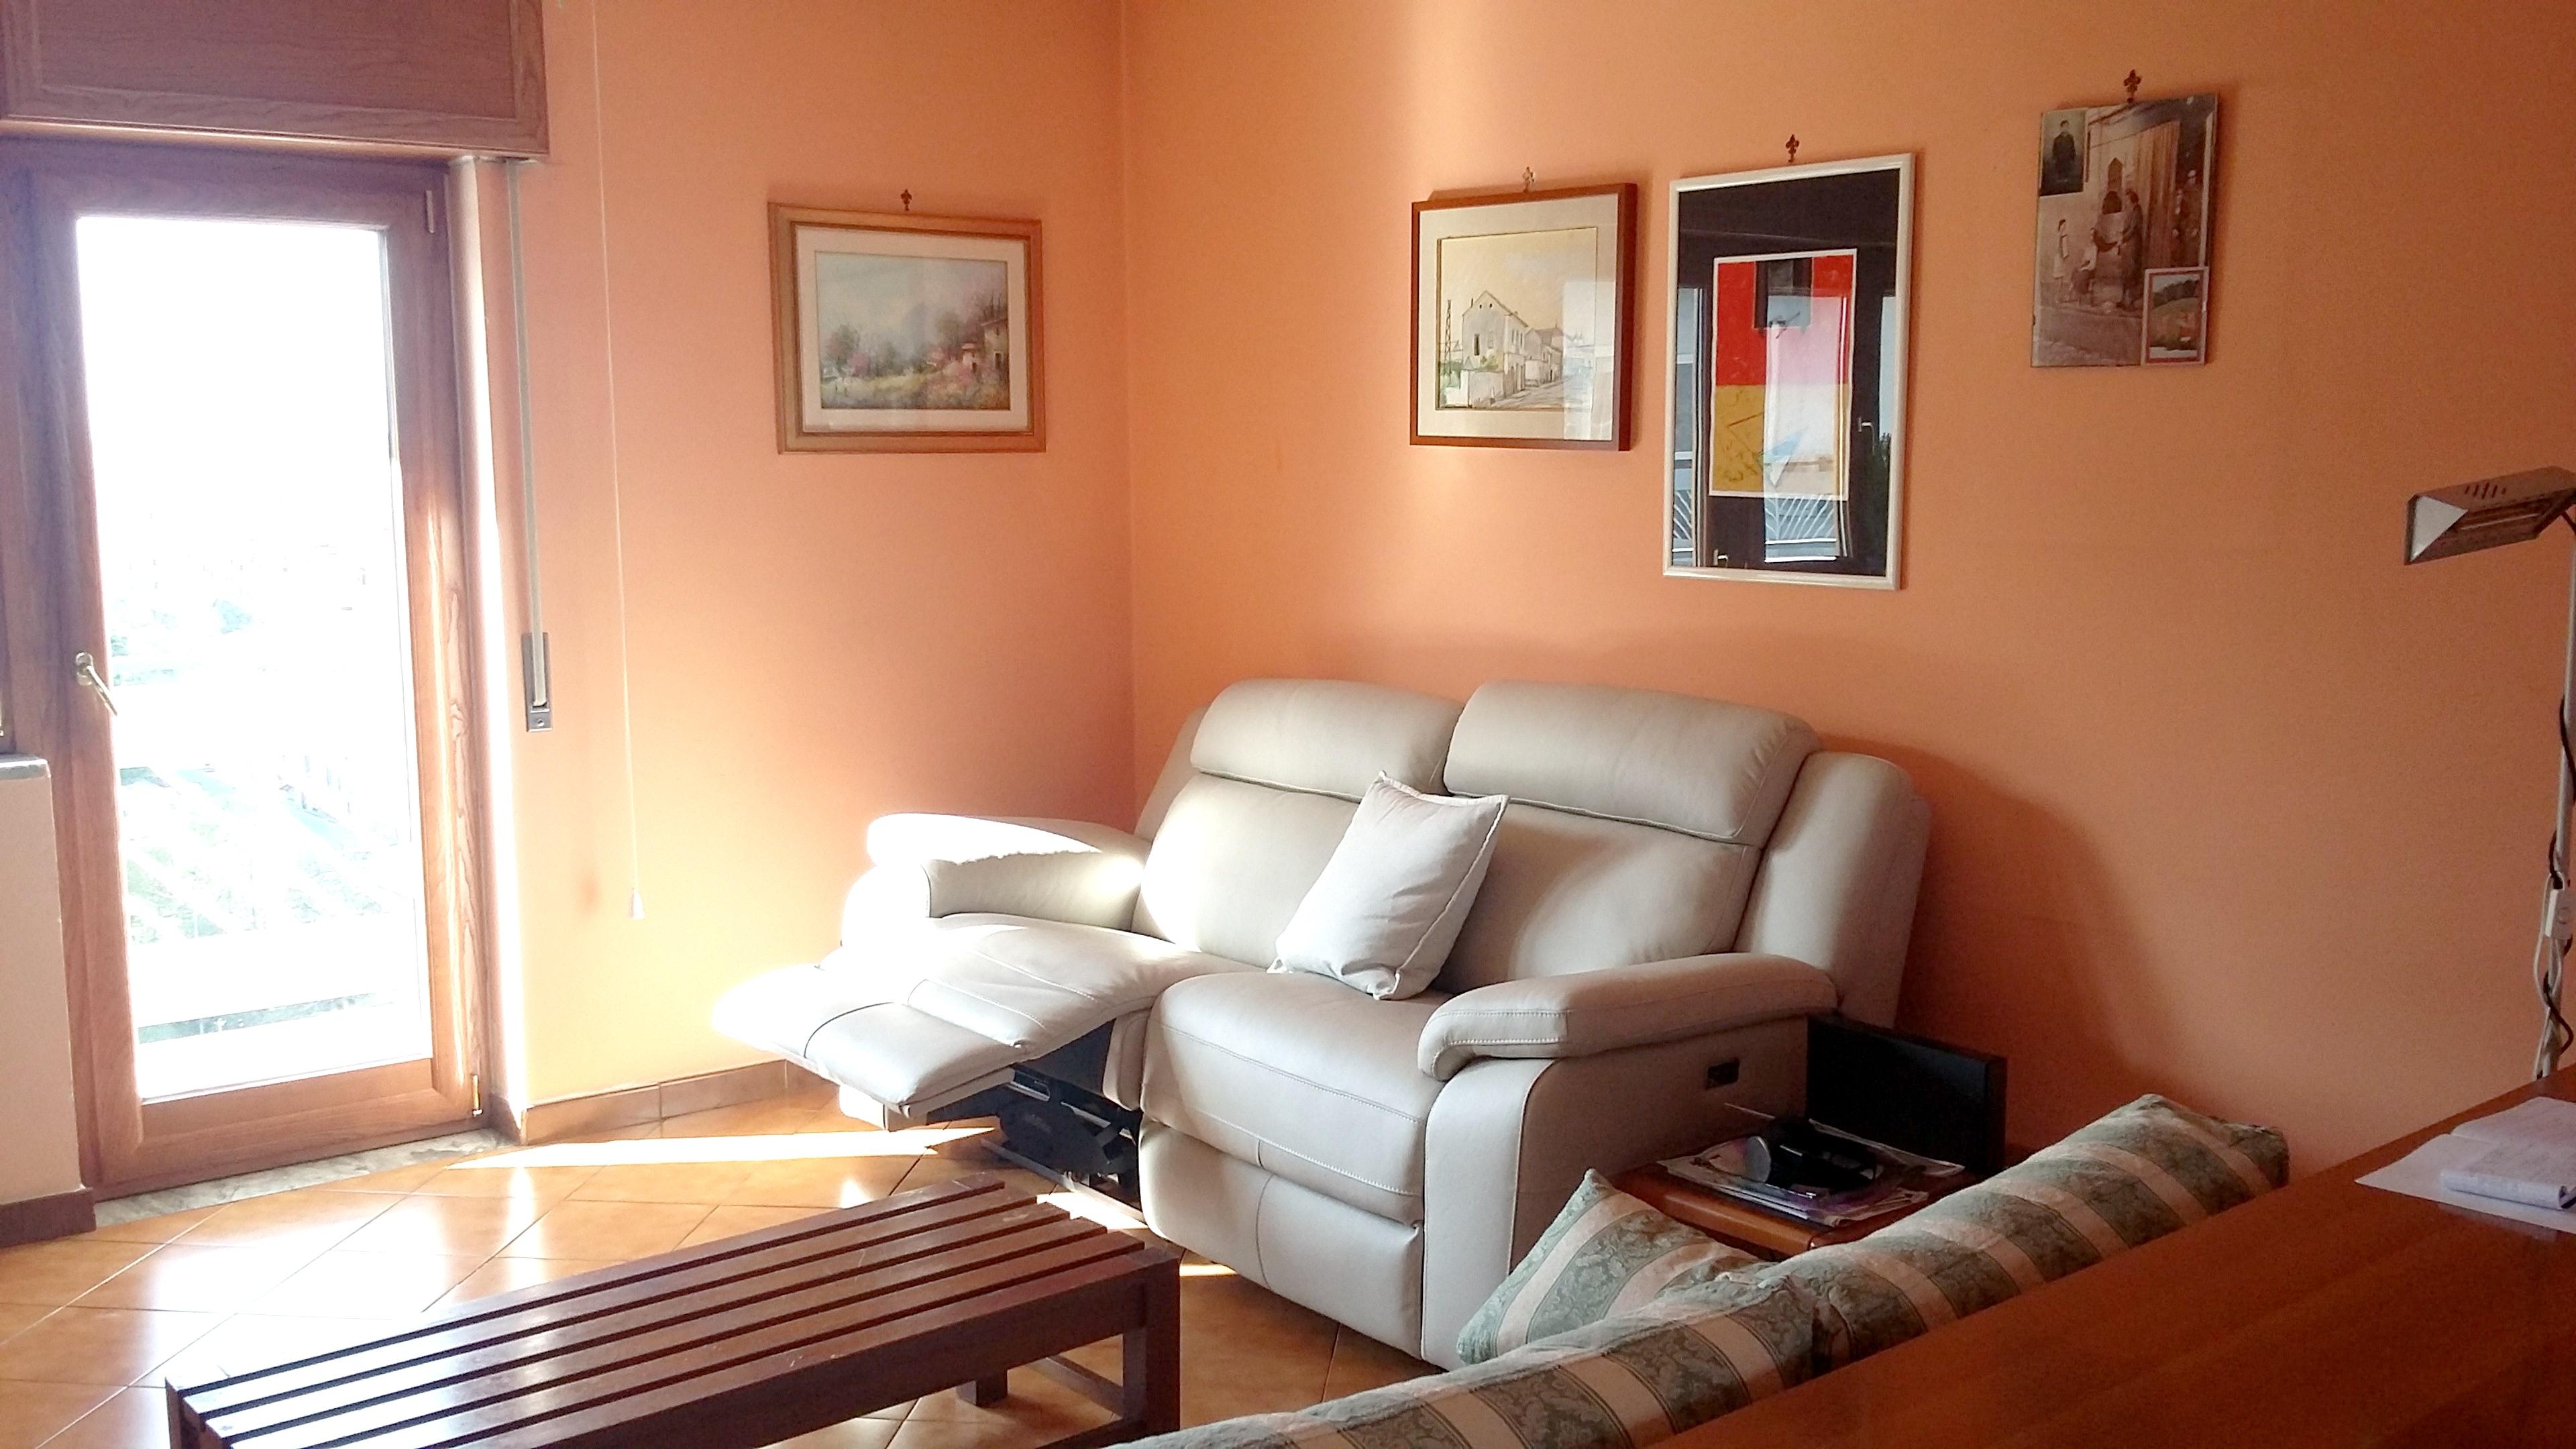 Ferienwohnung Wohnung mit 3 Schlafzimmern in Angri mit schöner Aussicht auf die Stadt und möbliertem Bal (2557376), Angri, Salerno, Kampanien, Italien, Bild 3